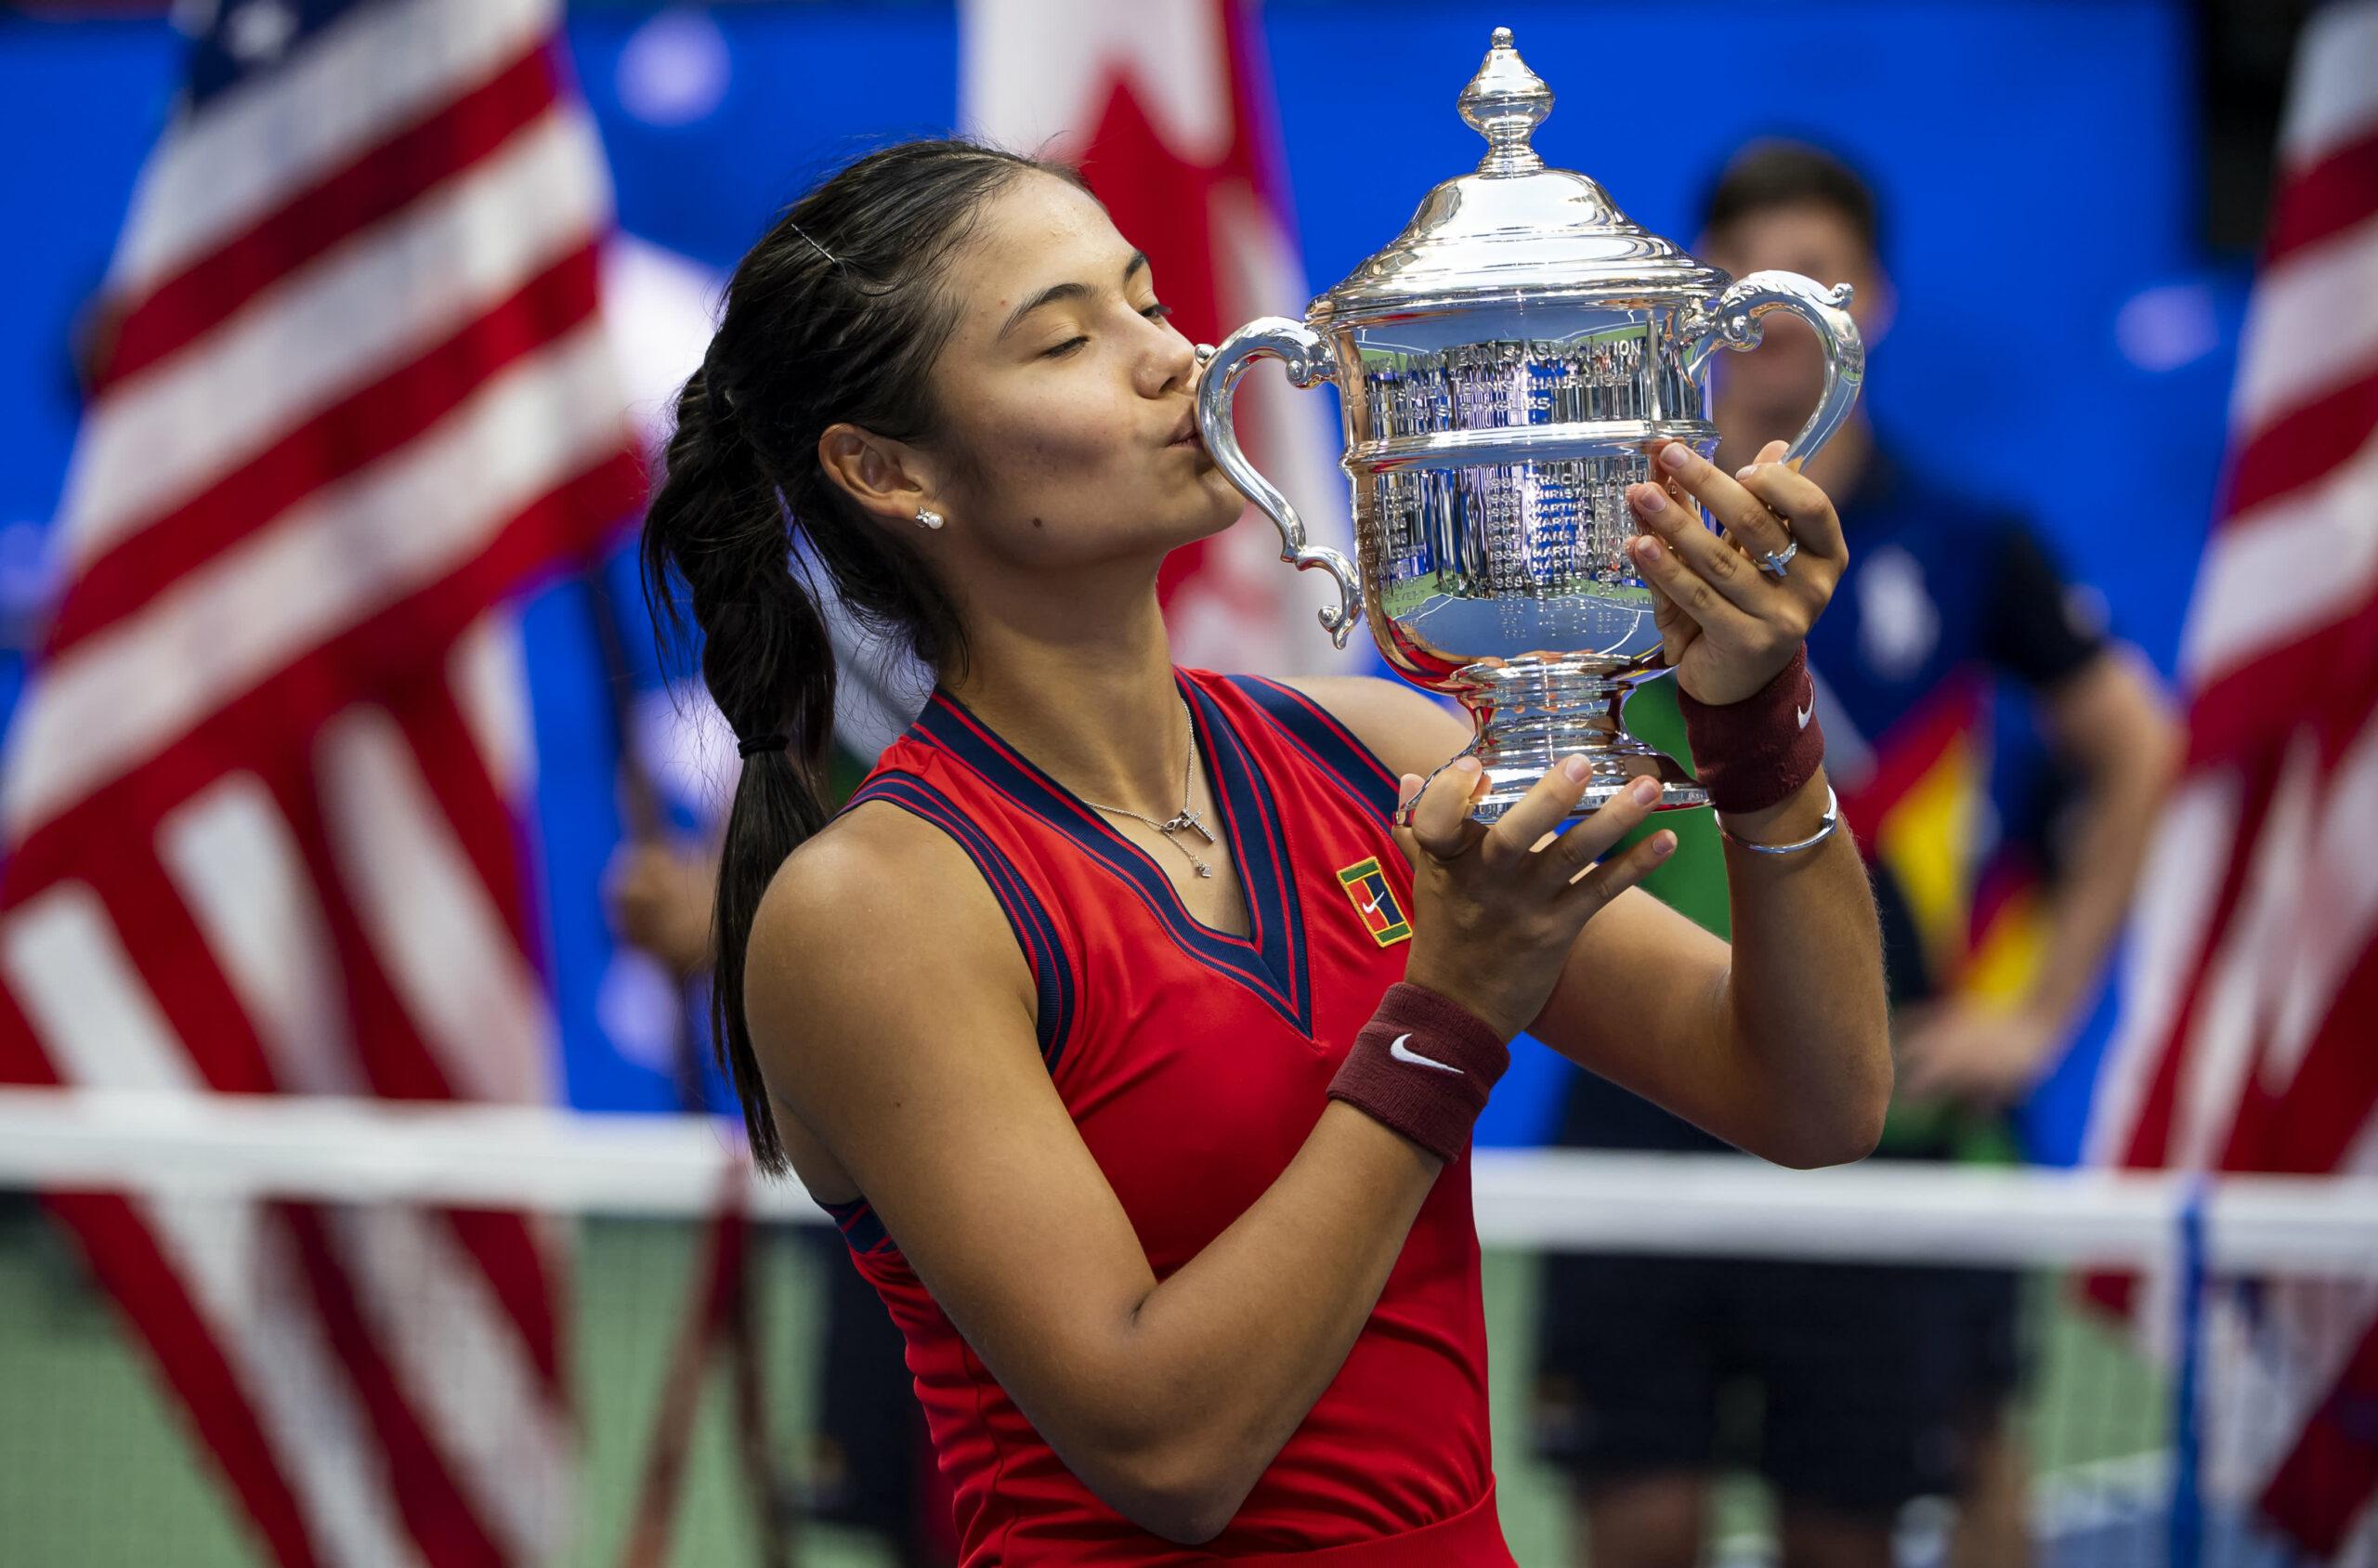 Emma Raducanu to earn $2.5 million for U.S. Open win